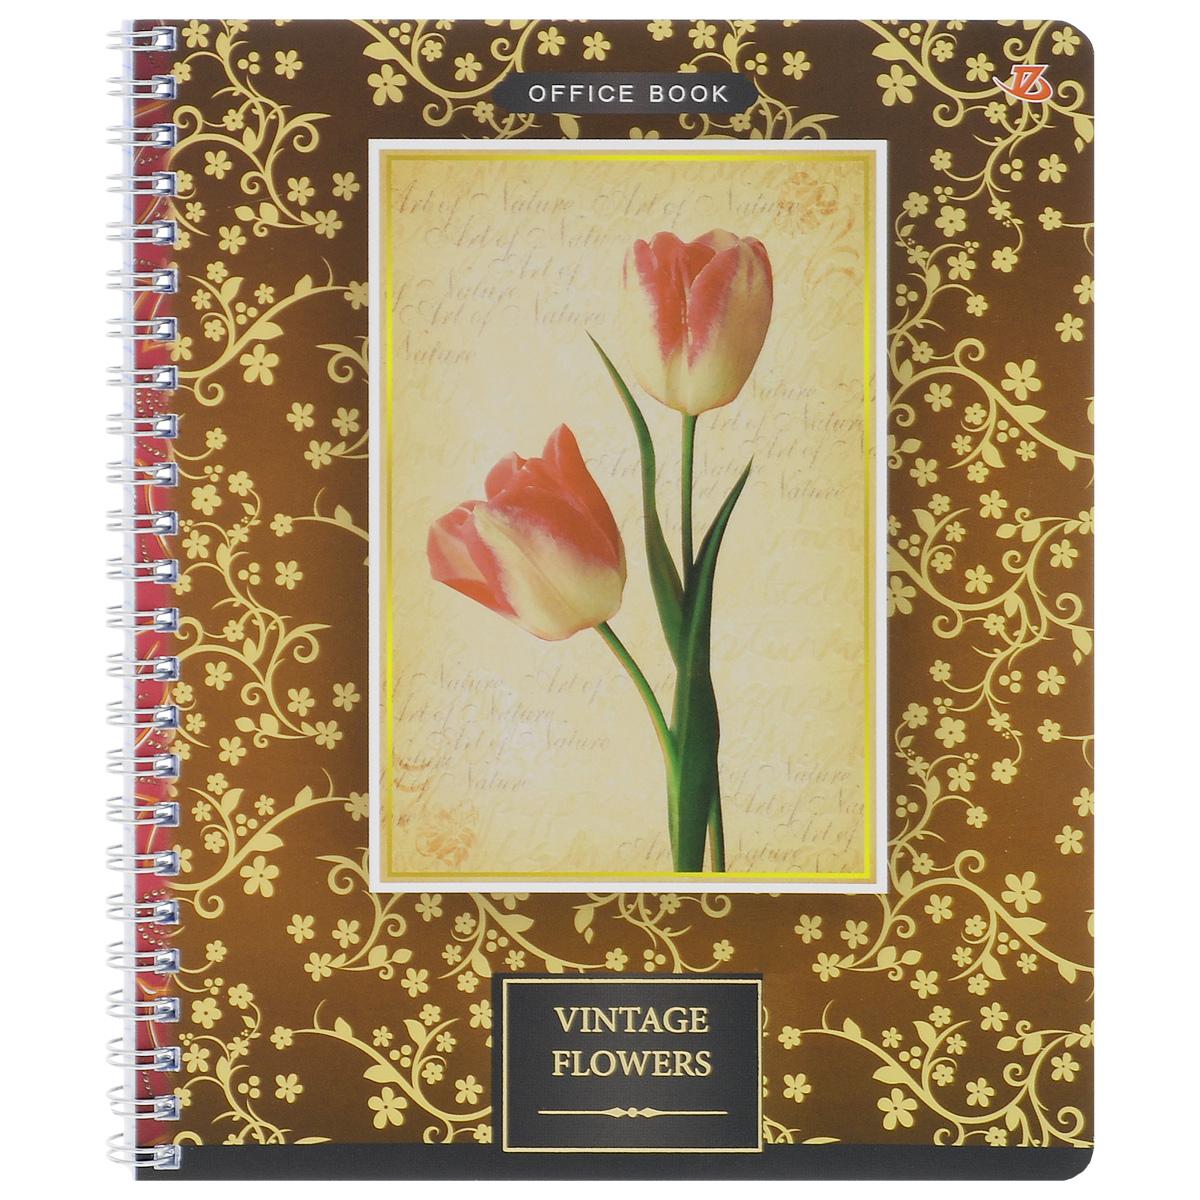 Тетрадь в клетку Vintage Flowers, цвет: бежевый, 80 листов. 6660/372523WDТетрадь Vintage Flowers подойдет для любых работ и студенту, и школьнику.Фактурная обложка тетради с элементами золотого тиснения выполнена из мелованного картона с закругленными углами.Внутренний блок тетради соединен металлической пружиной и состоит из 80 листов высококачественной бумаги повышенной белизны.